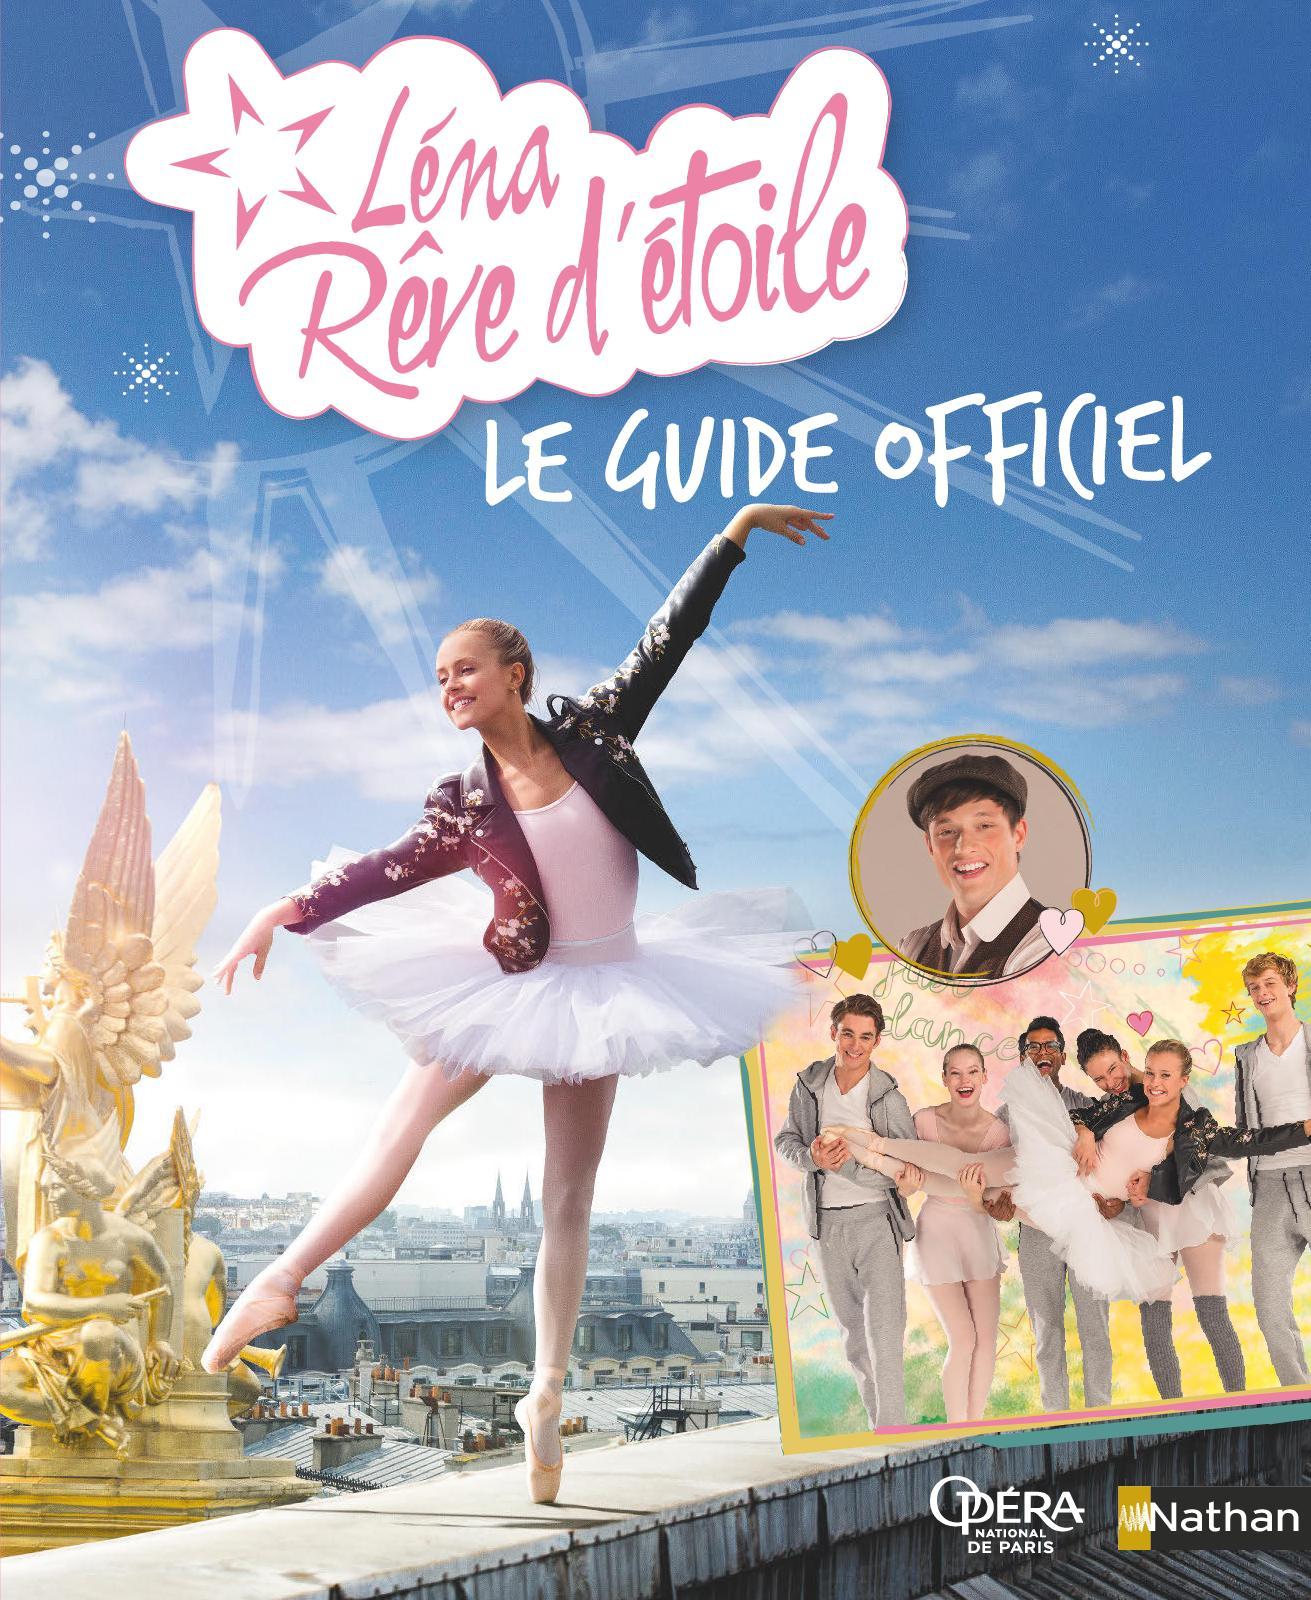 Lena Reve D'etoile Saison 2 : d'etoile, saison, Calaméo, Lena,, Rêve, D'étoile, Guide, Officiel, Extrait